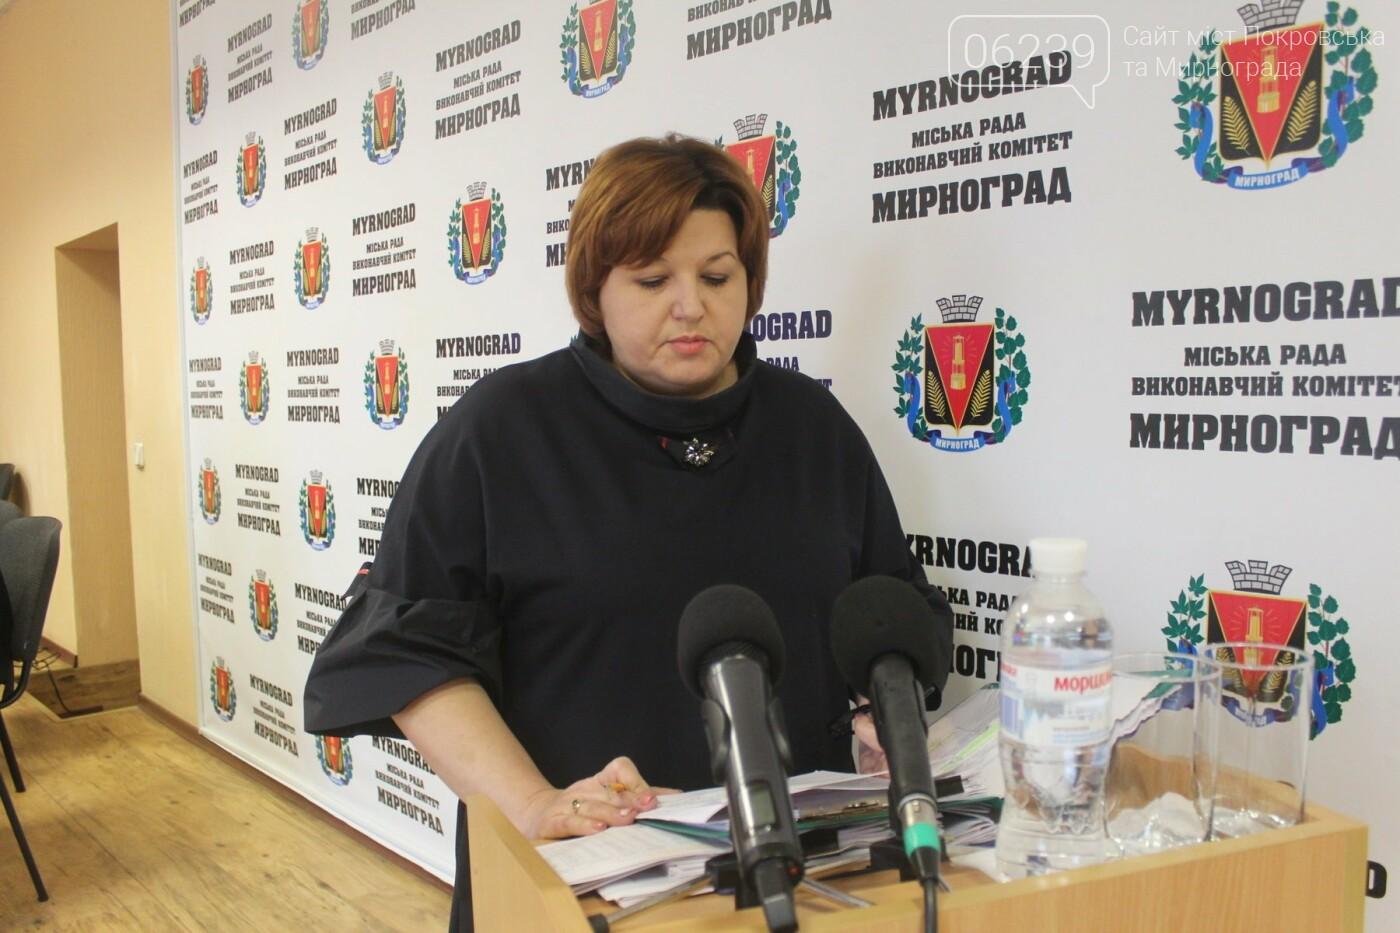 Бюджет на 2019-й год и реконструкция парка: в Мирнограде состоялась 54-я сессия городского совета, фото-4